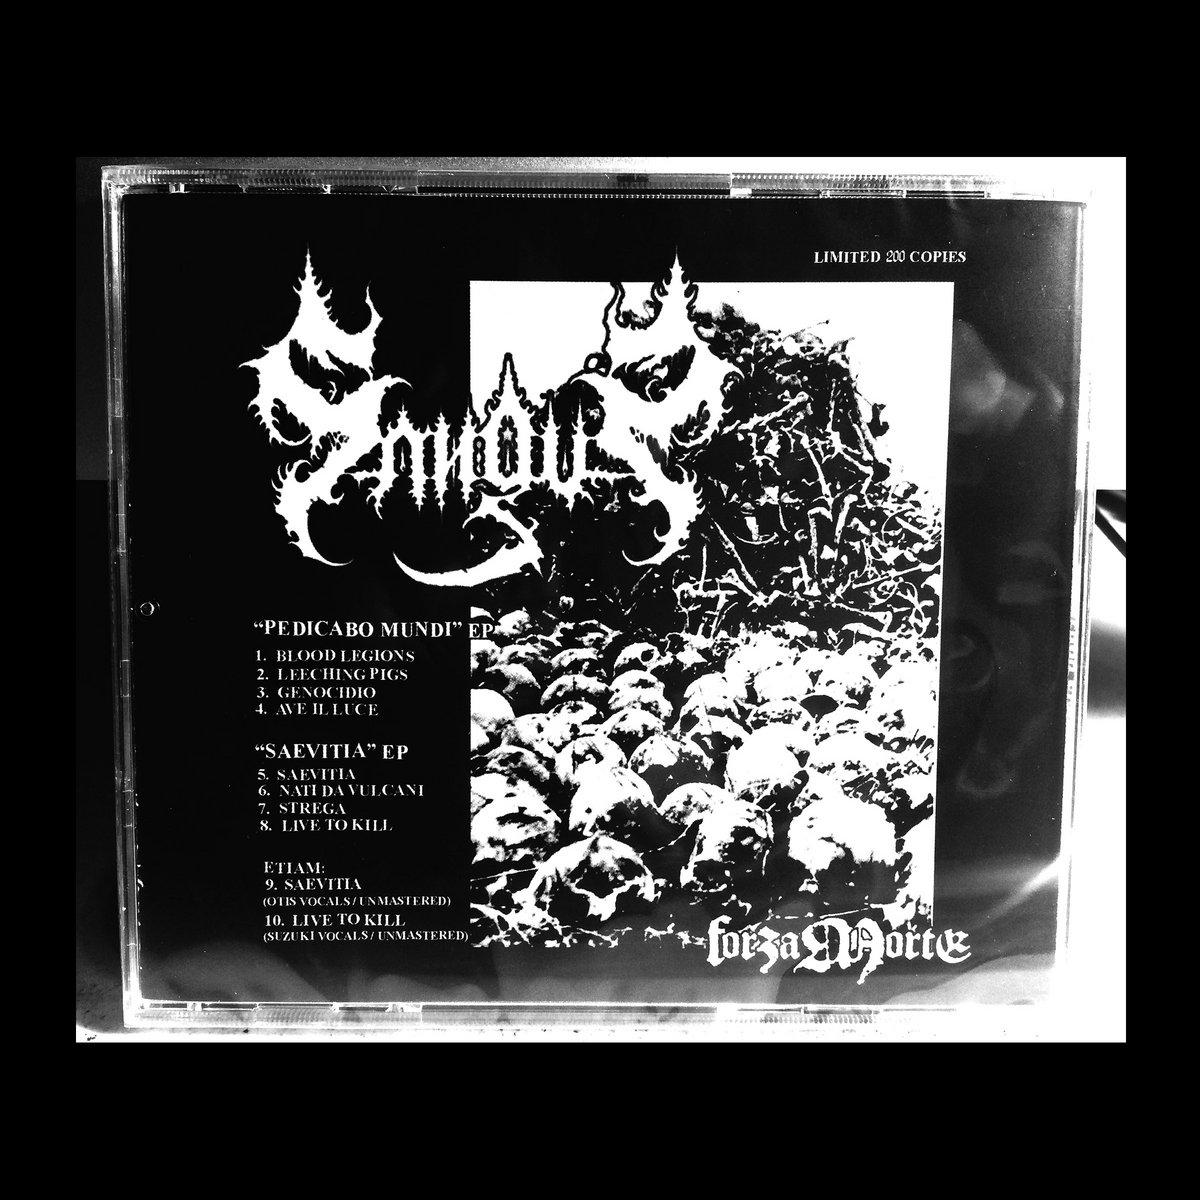 Pedicabo Mundi | SANGUS